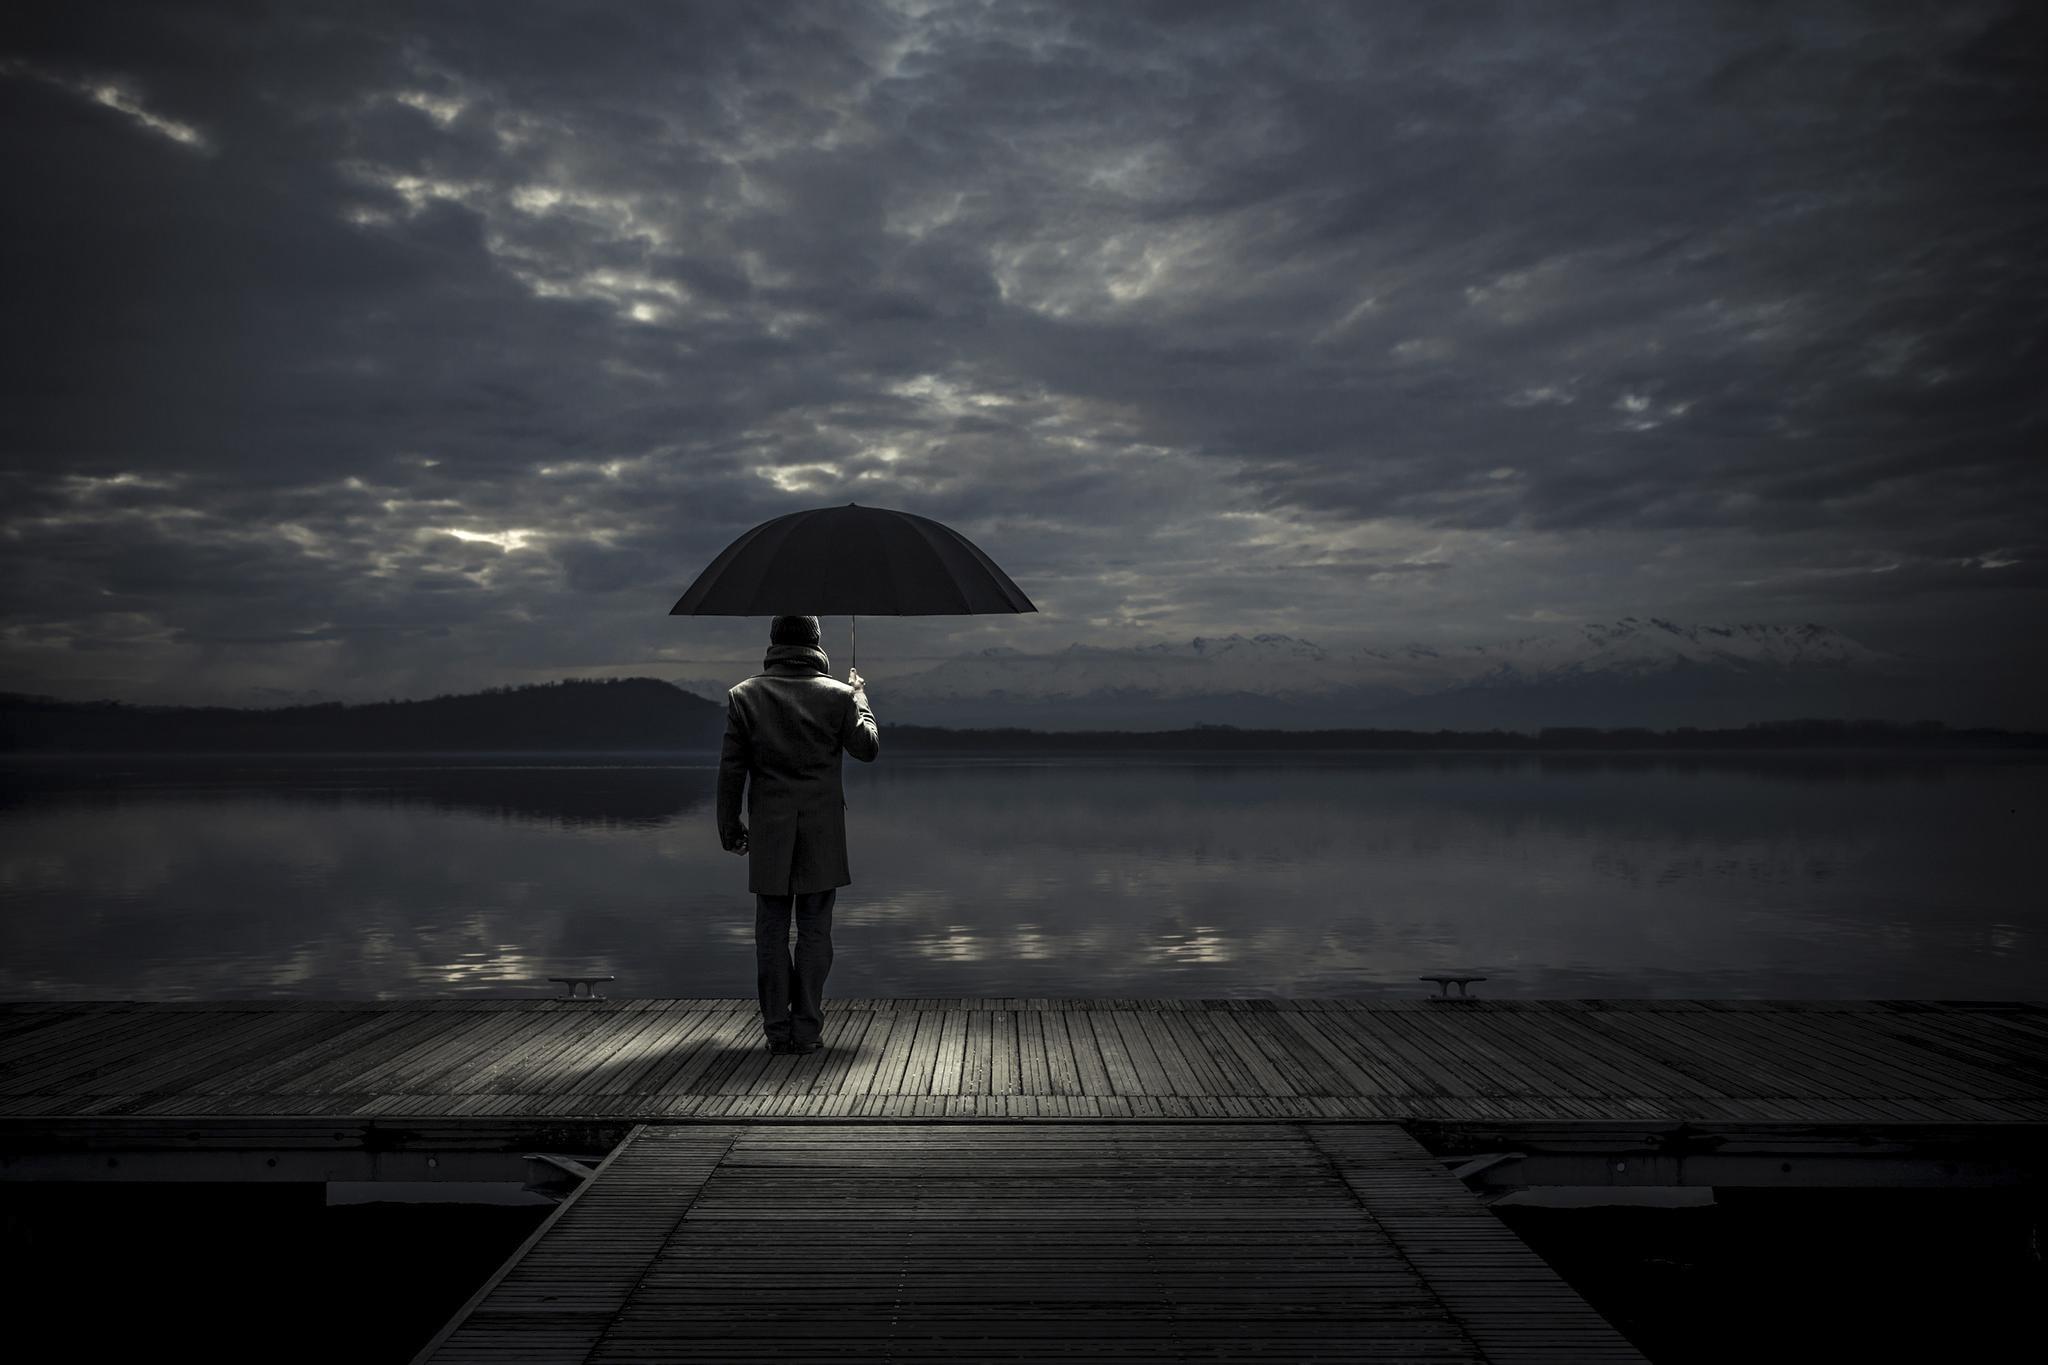 89969壁紙のダウンロード闇, 暗い, おとこ, 男, 傘, ナイト, バース, 波止場-スクリーンセーバーと写真を無料で